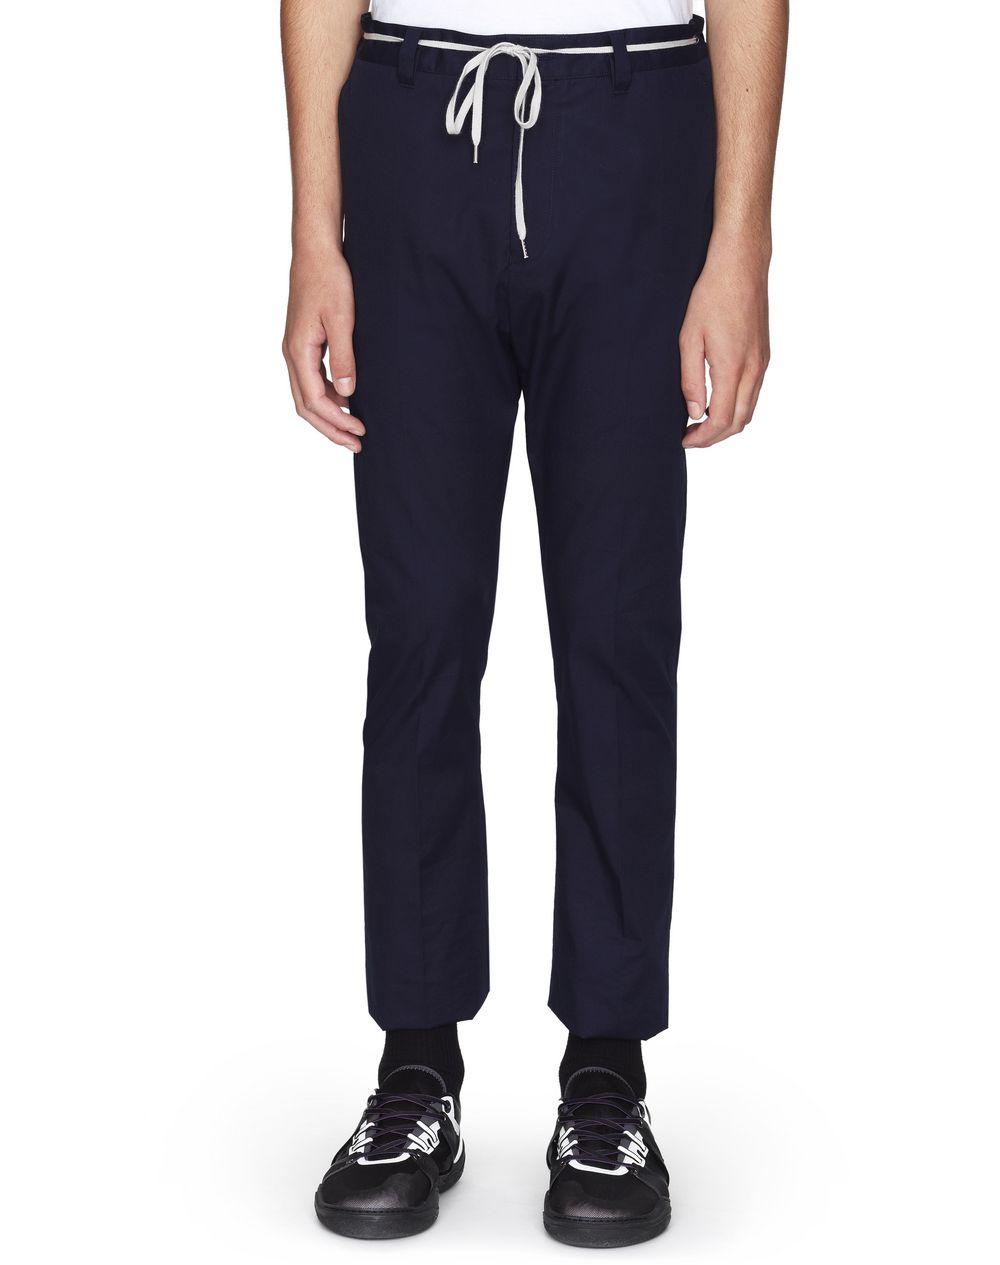 Pantalon en coton bleu foncé Lanvin Prix €450